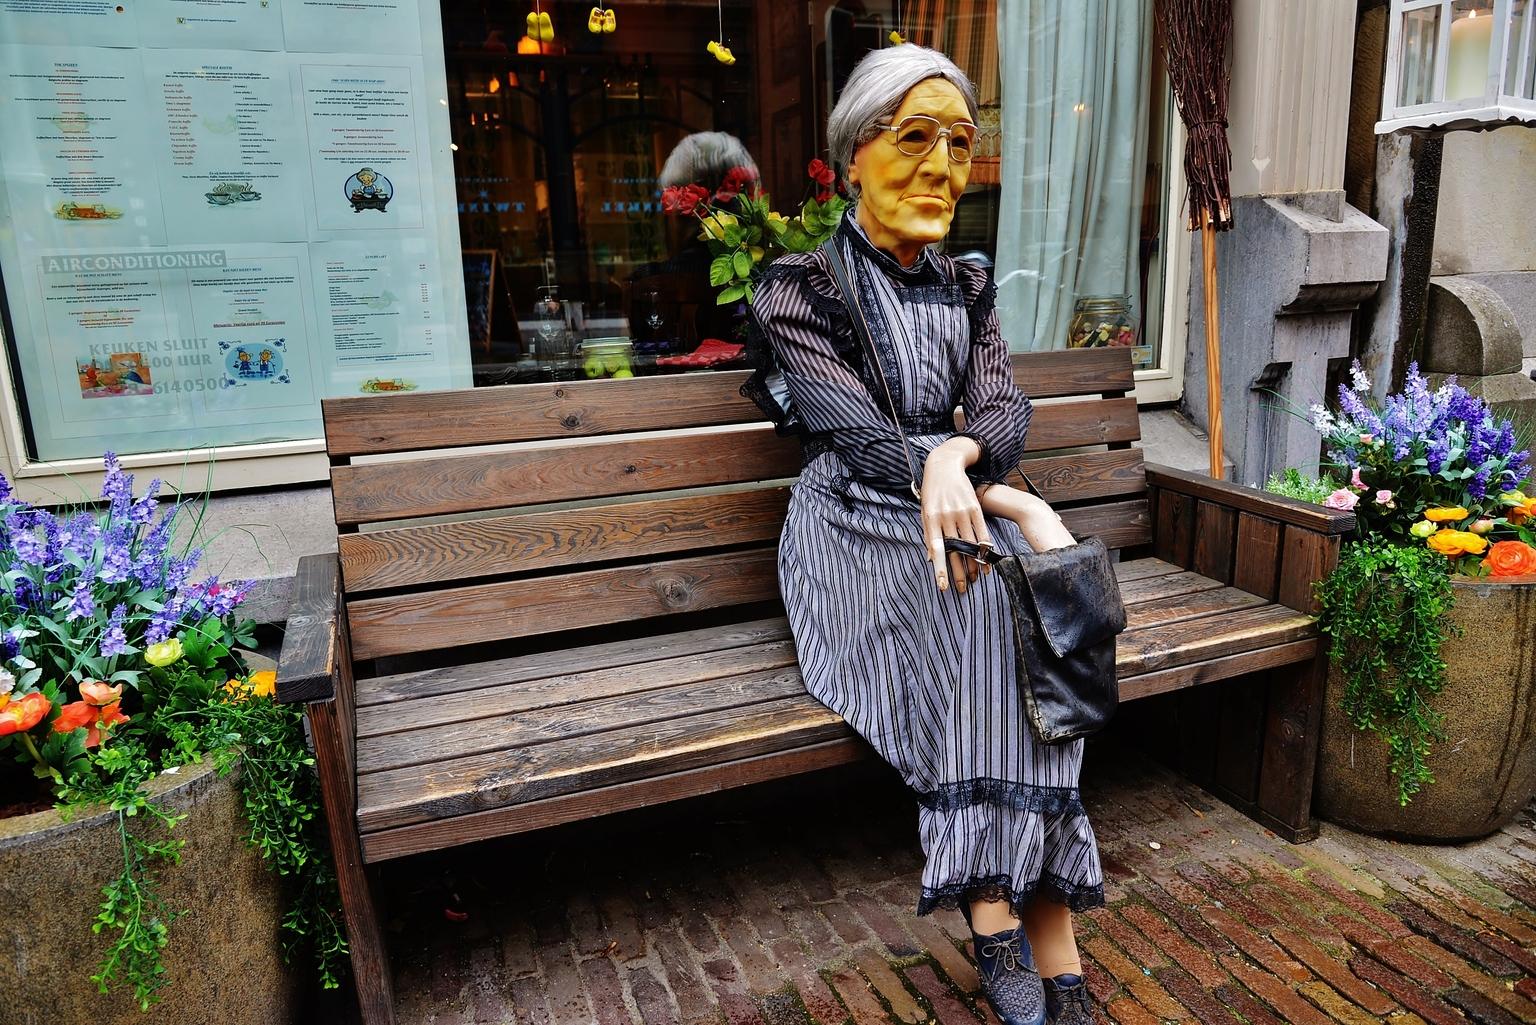 Welkom Corona Vrij..... - .... Deze vriendelijke oudere dame , wacht met heel veel ongeduld op betere tijden! Beste Zoomers en kijkers het beste moet nog komen! Groetjes, Fran - foto door f.arts1 op 12-04-2021 - locatie: Groenmarkt, 3311 BE Dordrecht, Nederland - deze foto bevat: fabriek, bloempot, bloem, purper, heeft, kamerplant, geel, straatmode, hout, zonnehoed